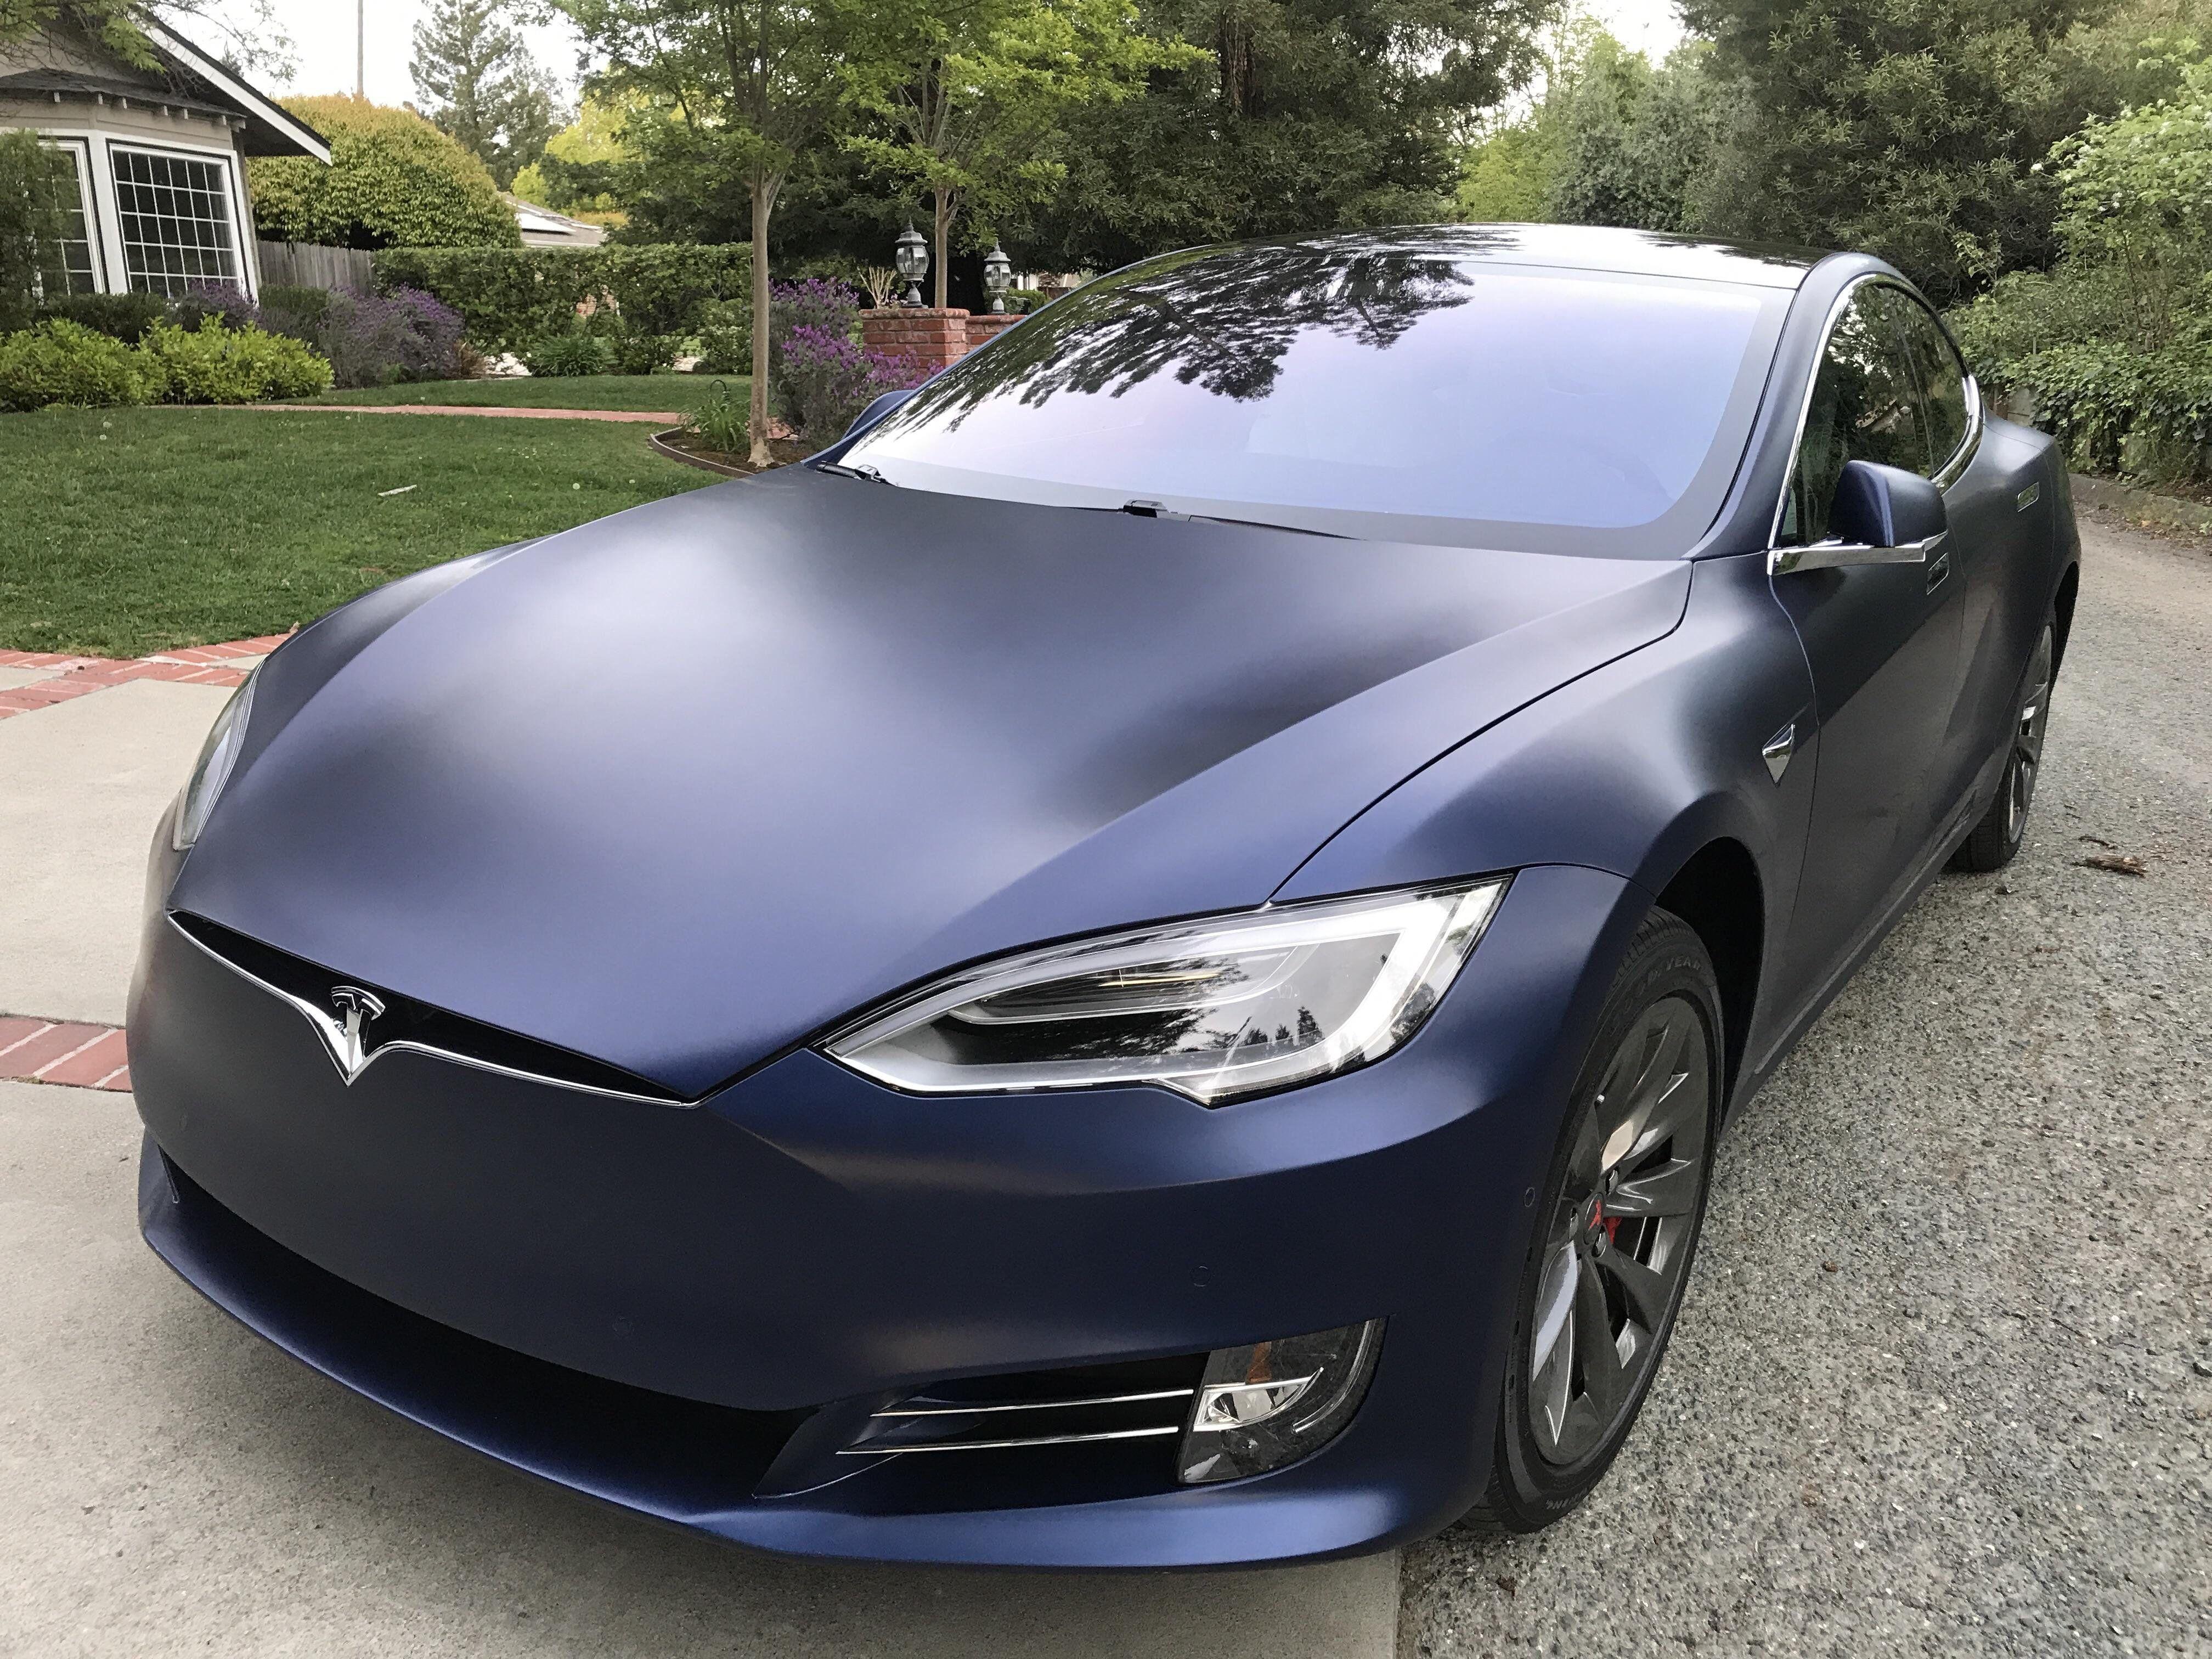 Matte Blue Car >> Matte Blue Tesla Model S Electric Cars Tesla Roadster